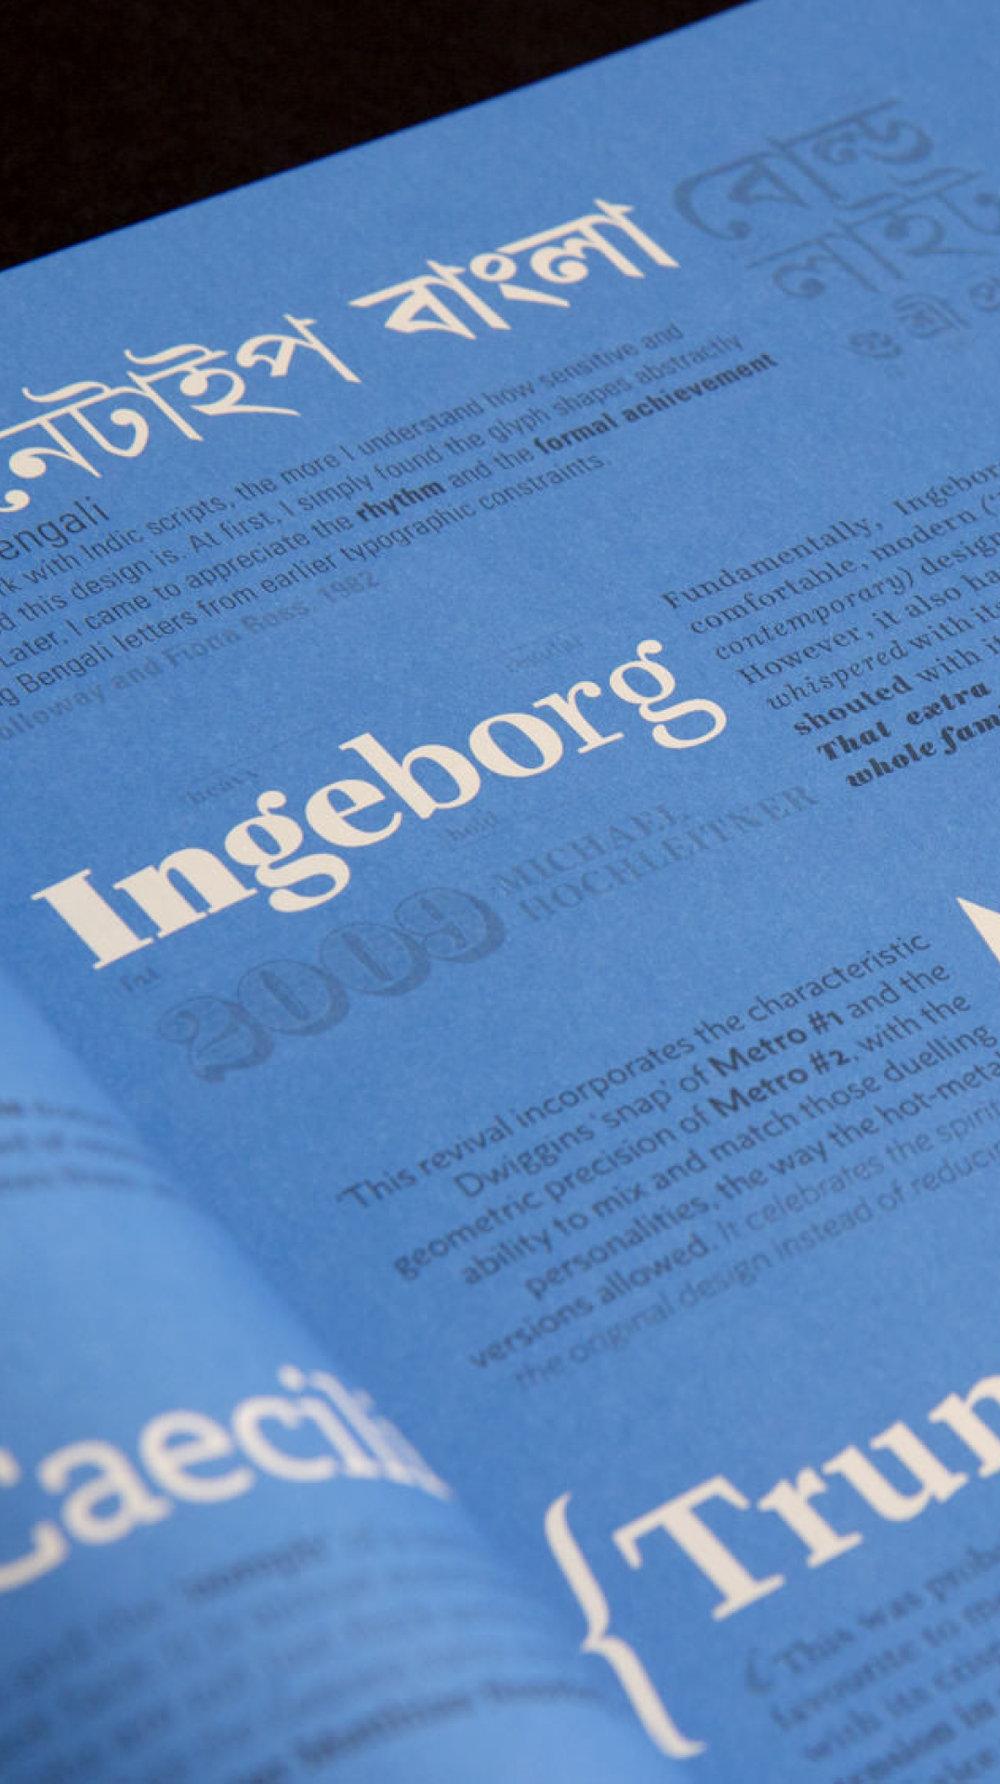 Gestaltung Typo Magazin 8 Faces von den sons auf ipanema einem Grafikbüro aus Köln. Typografie Ingeborg.